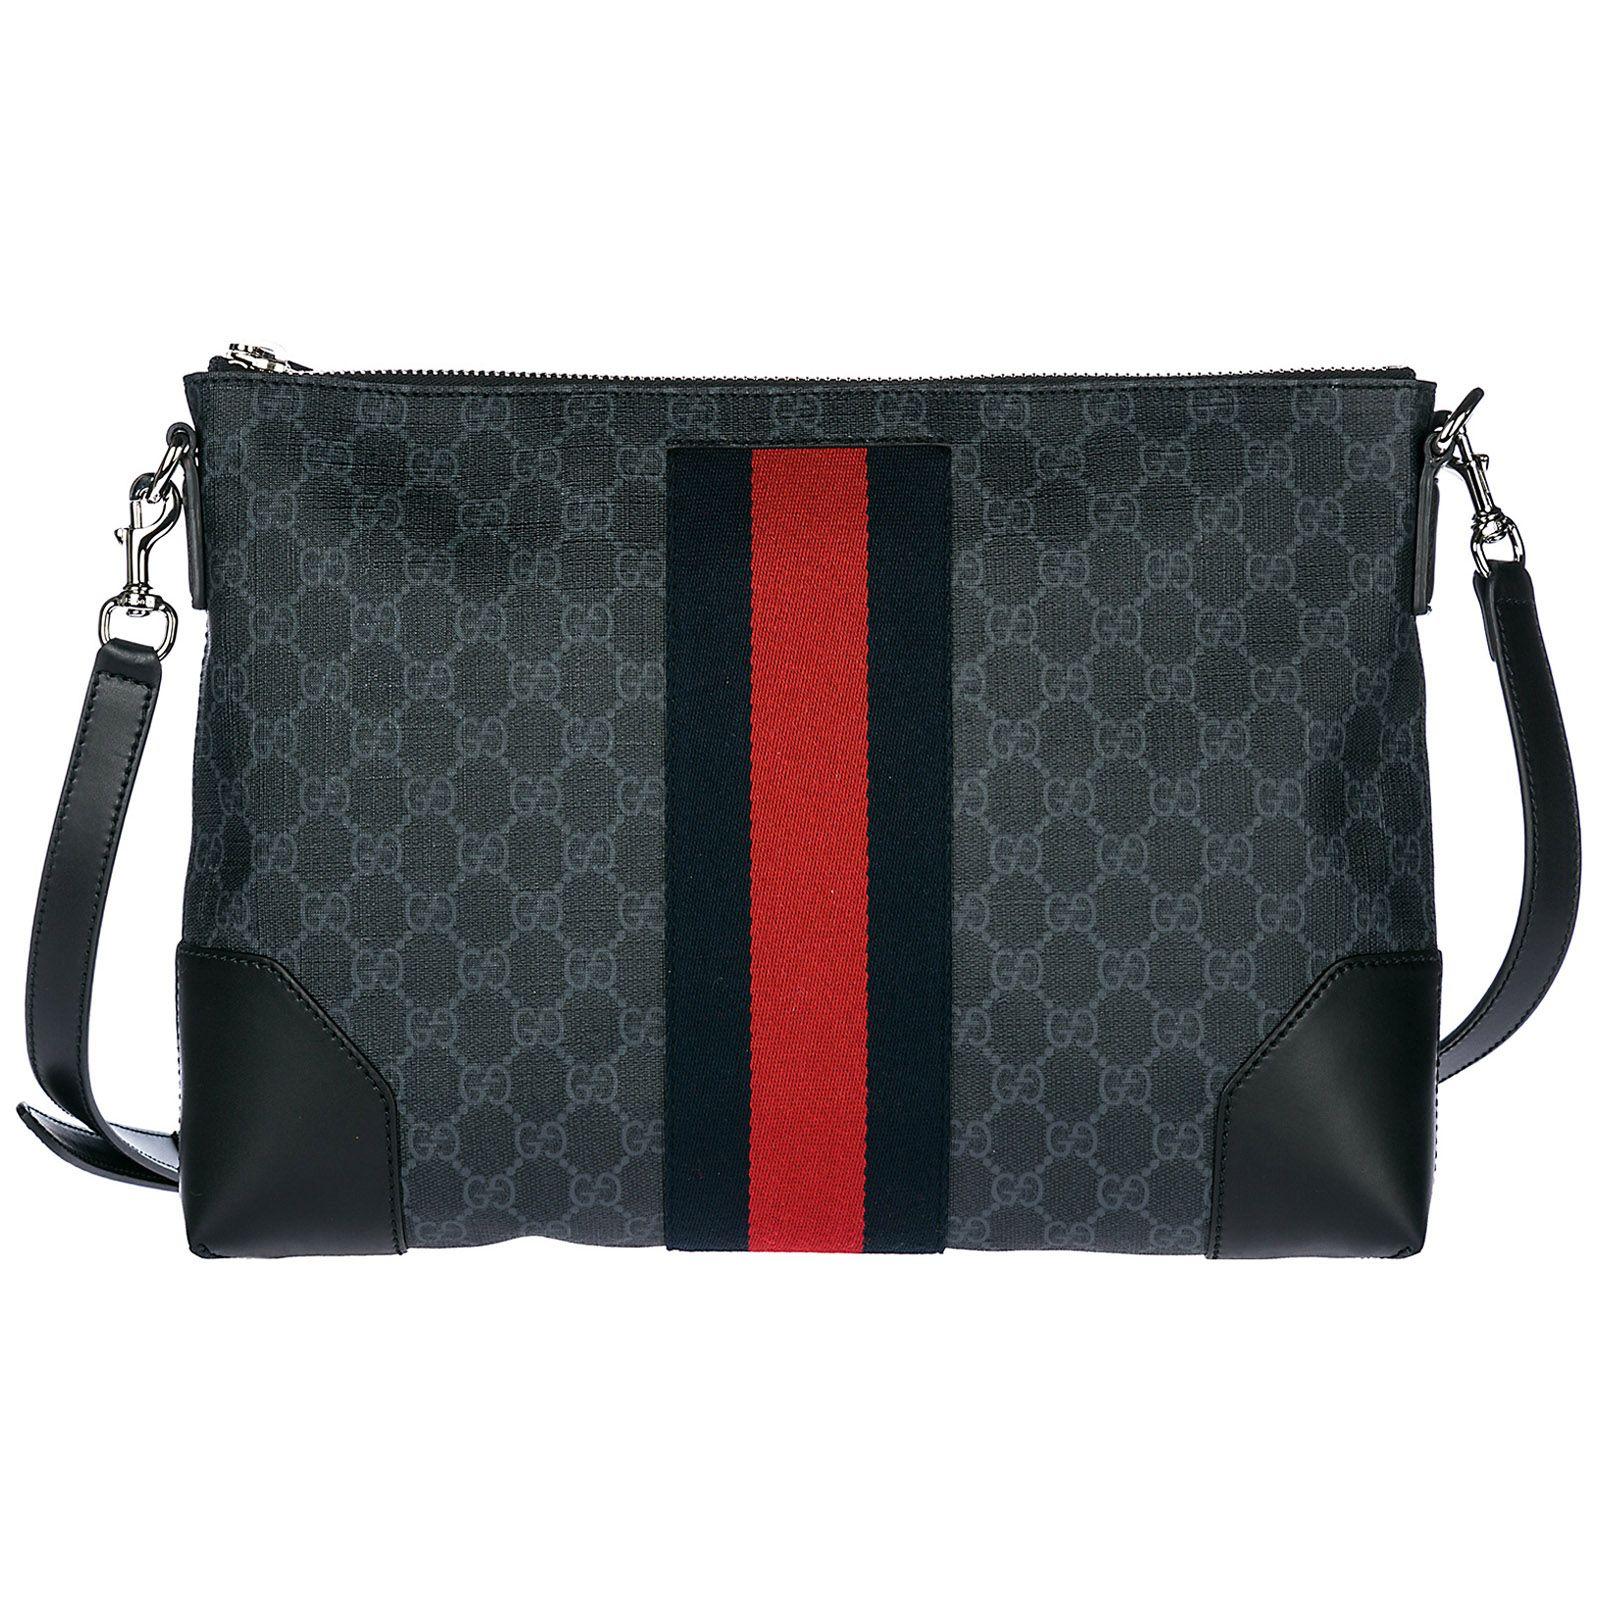 nuovi stili a856a 8c02b Men's cross-body messenger shoulder bag | Gucci, Bags, Gucci men